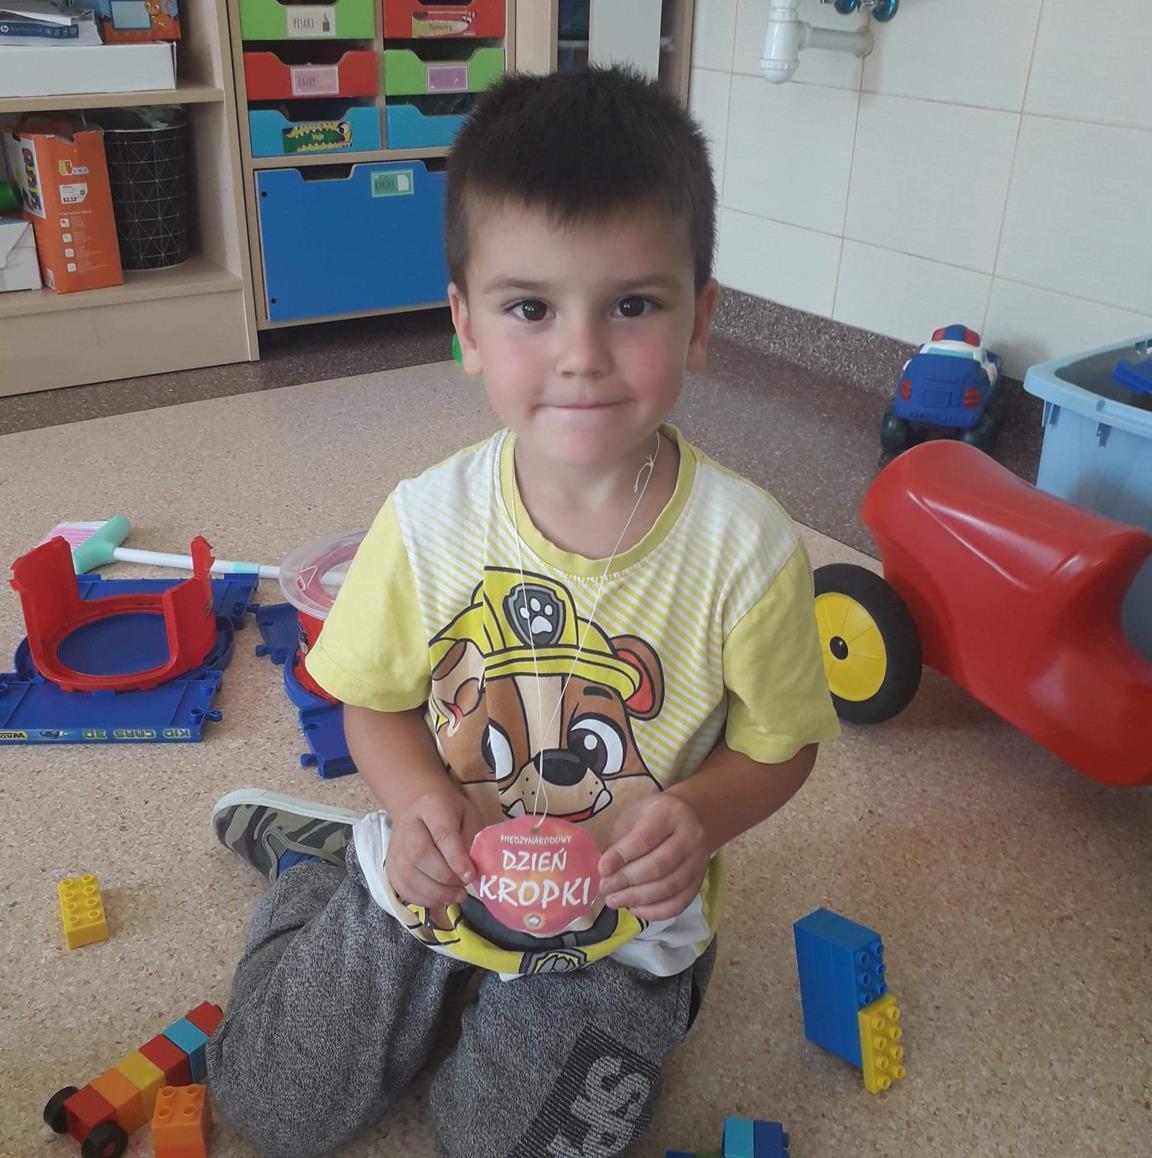 Zdjęcie przedstawia przedszkolaka z emblematem Dzień Kropki